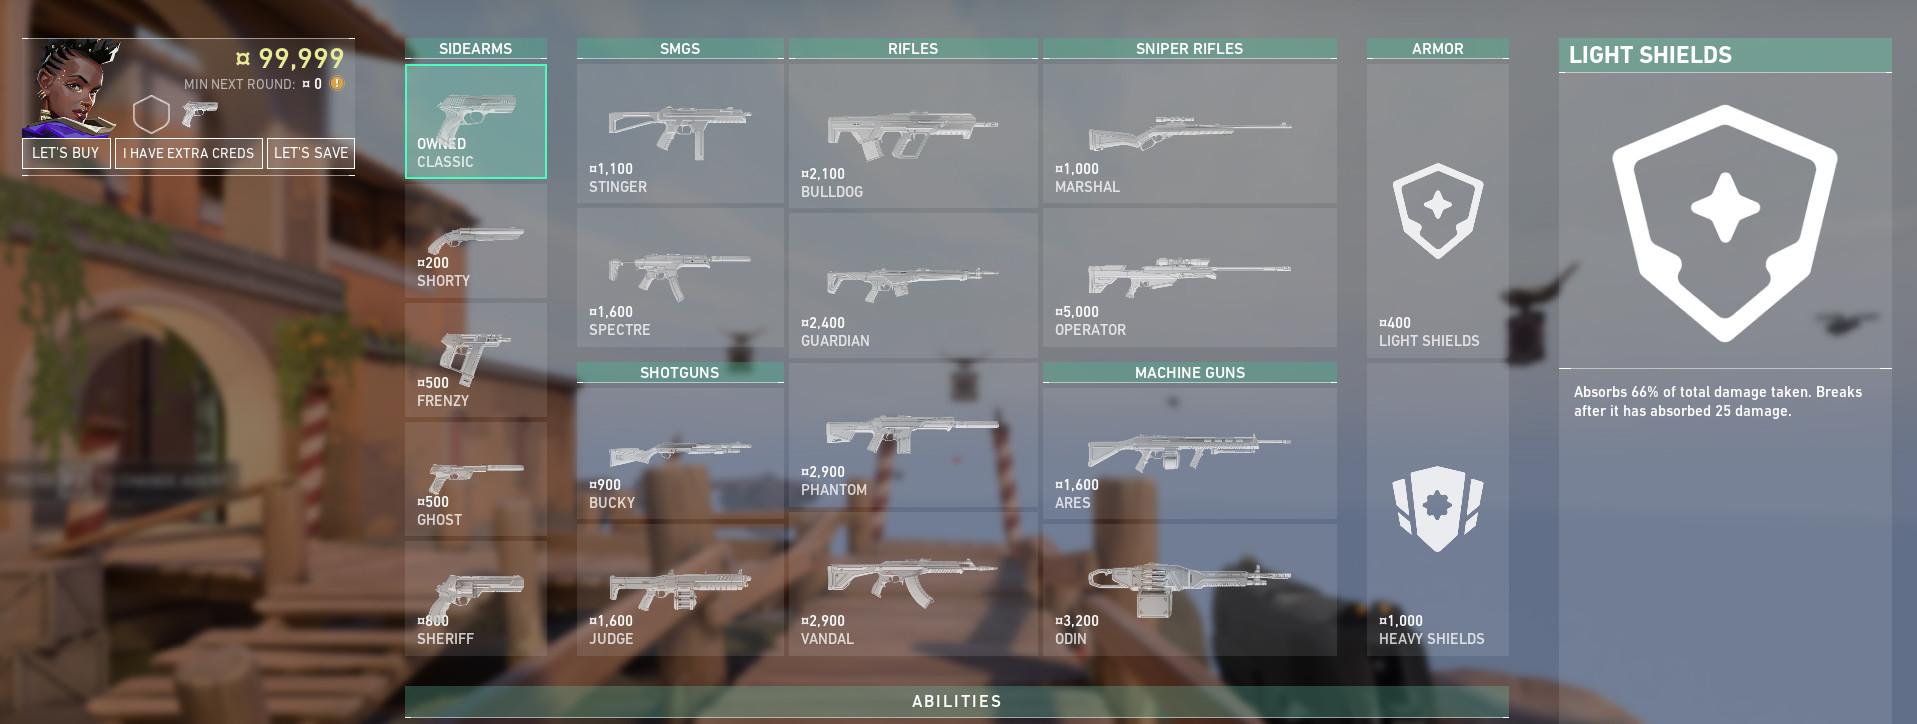 Operator und Guardian: Diese Waffen sollen bald günstiger werden